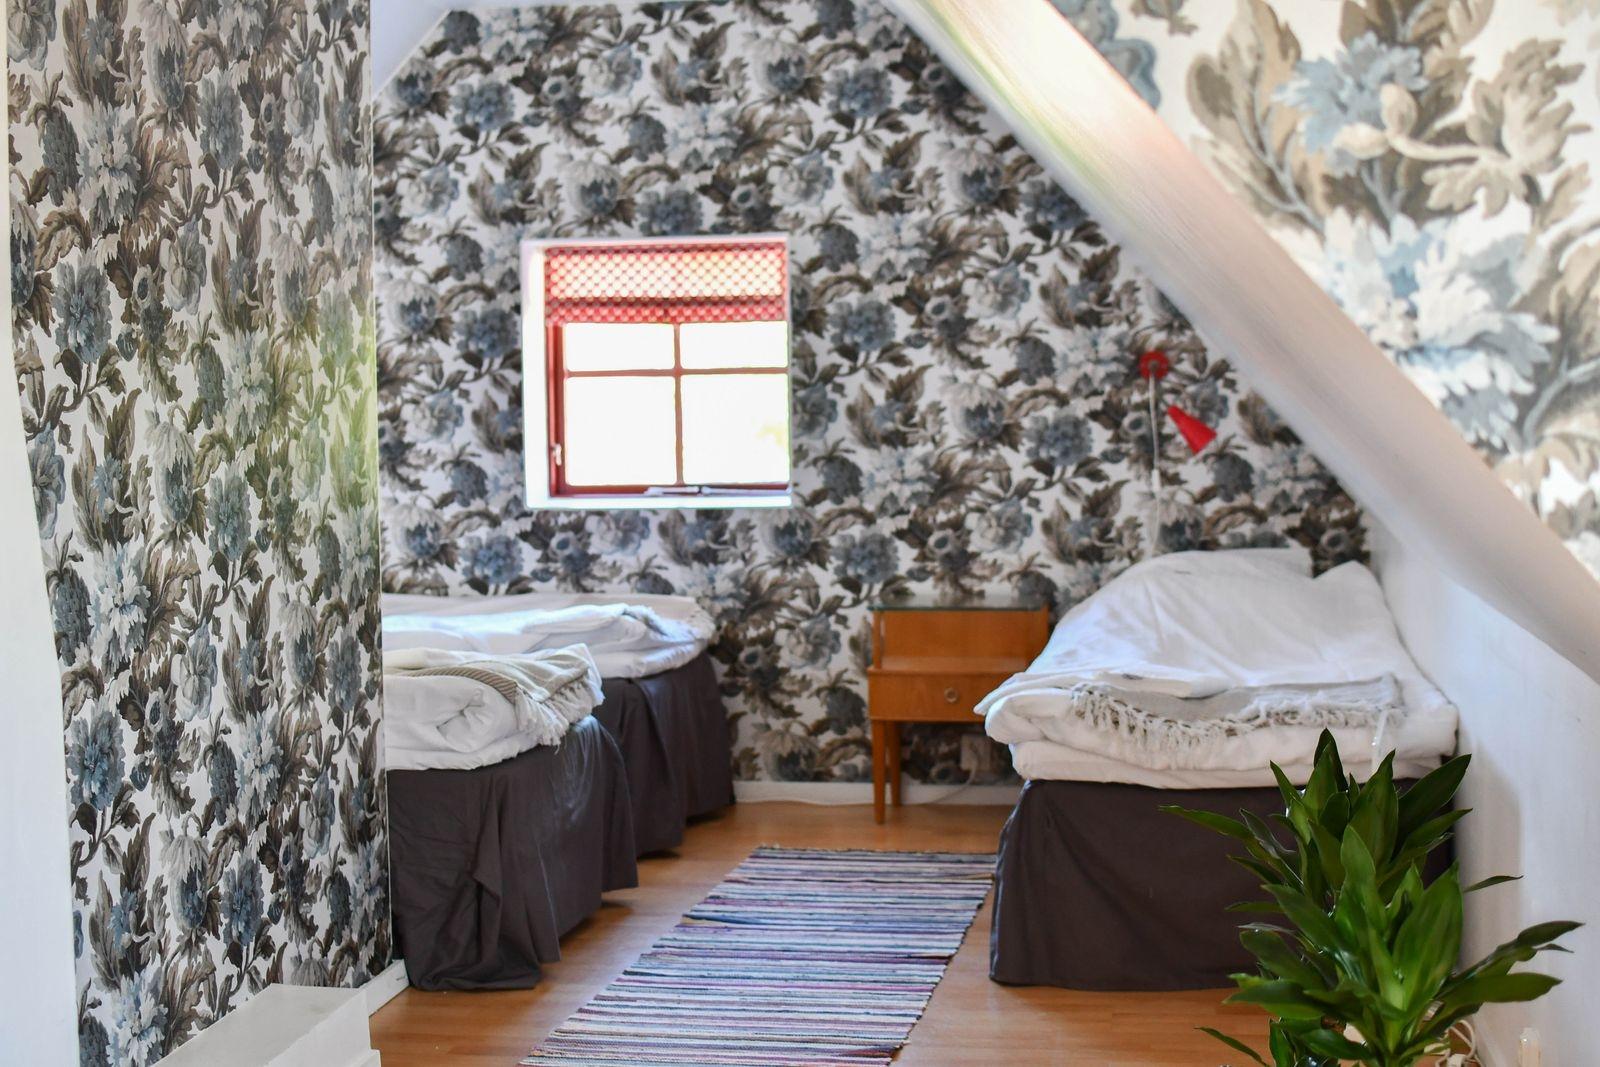 Rummen är namngivna efter vännerna som hjälpt till med renoveringen. Rummet på bilden har fått sitt namn efter Lisa.